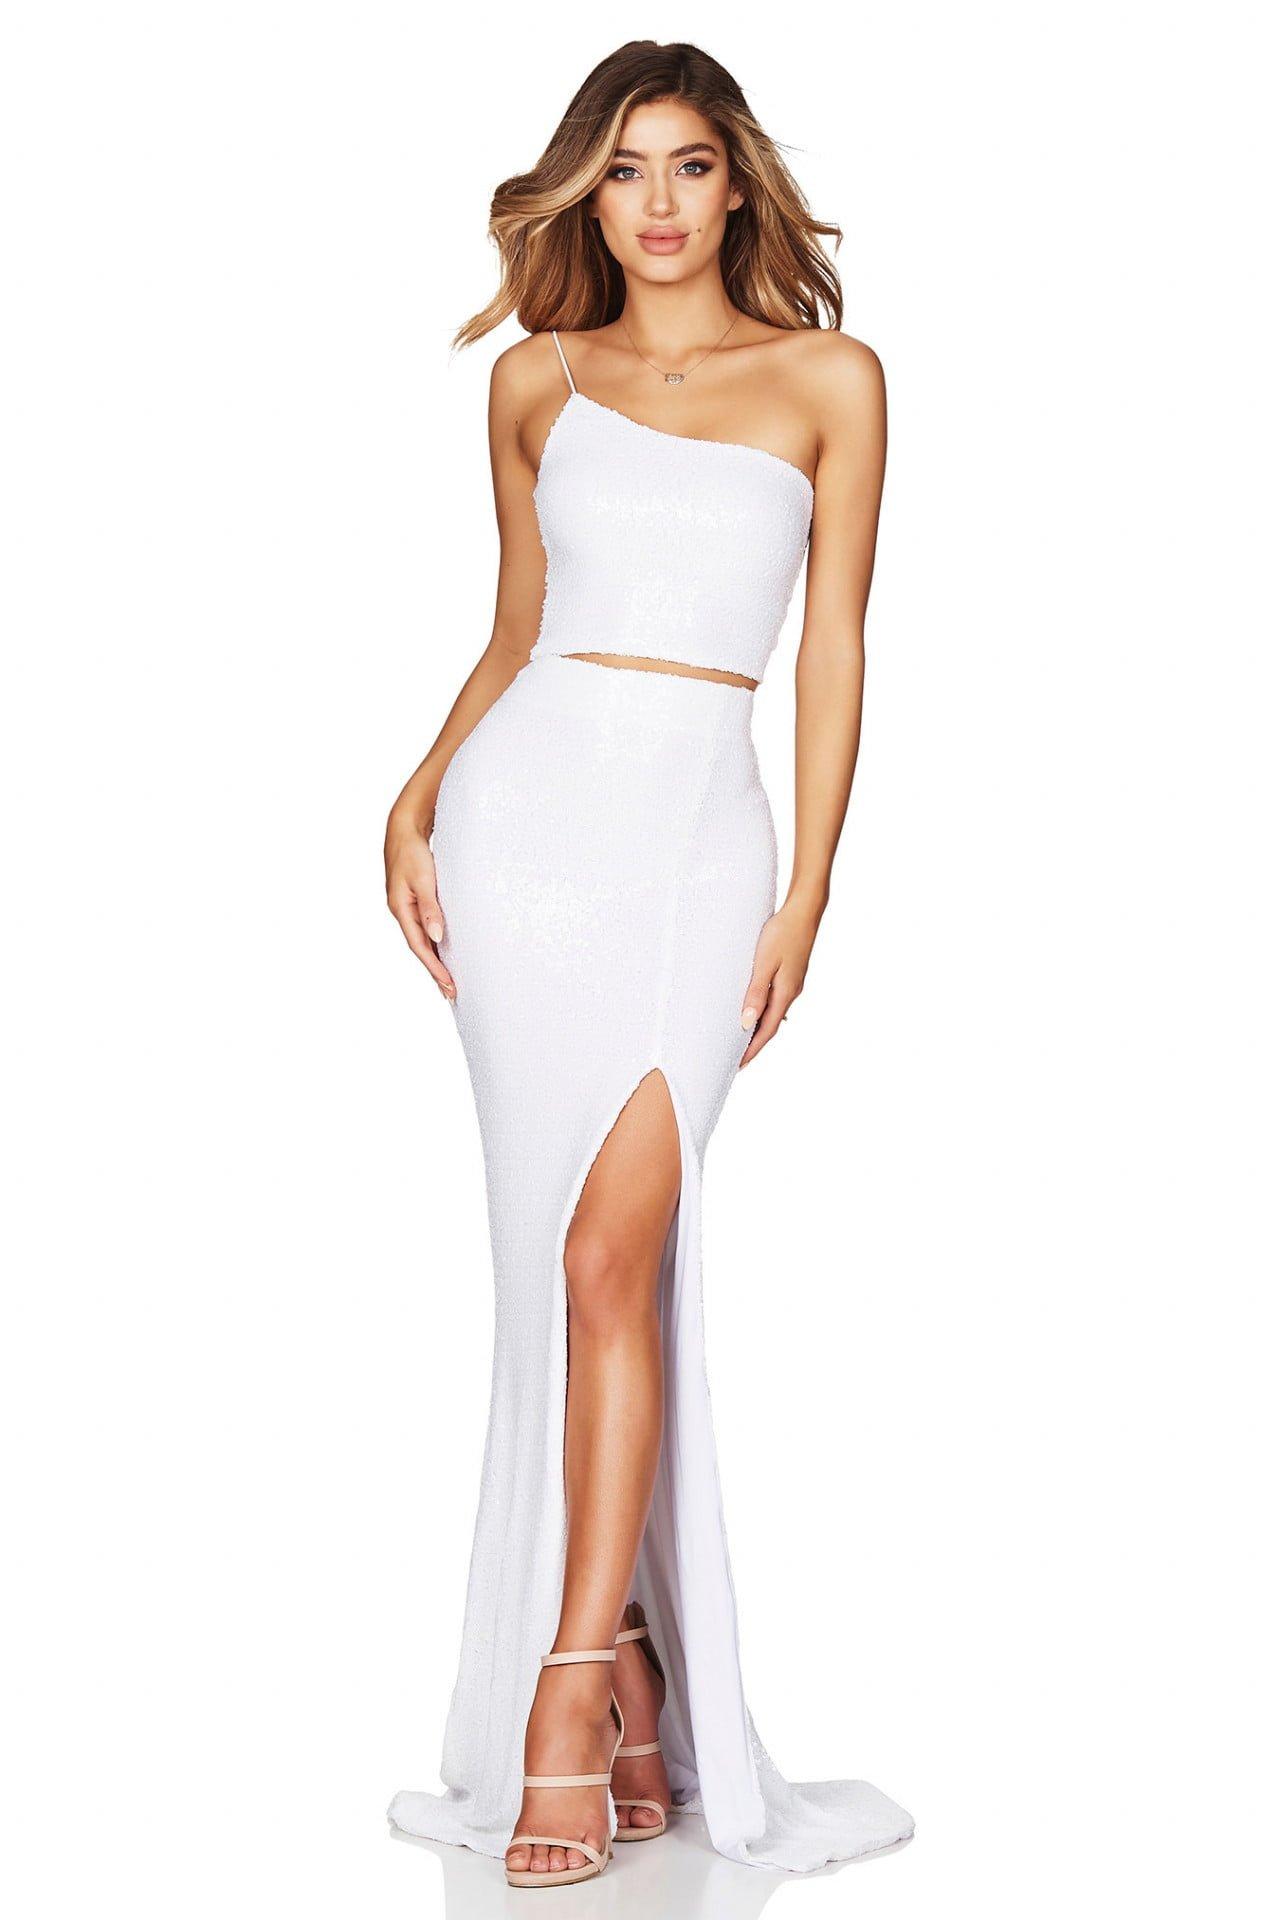 Nookie Siren Sequin Crop And Skirt Floor Length, Two-piece Set White